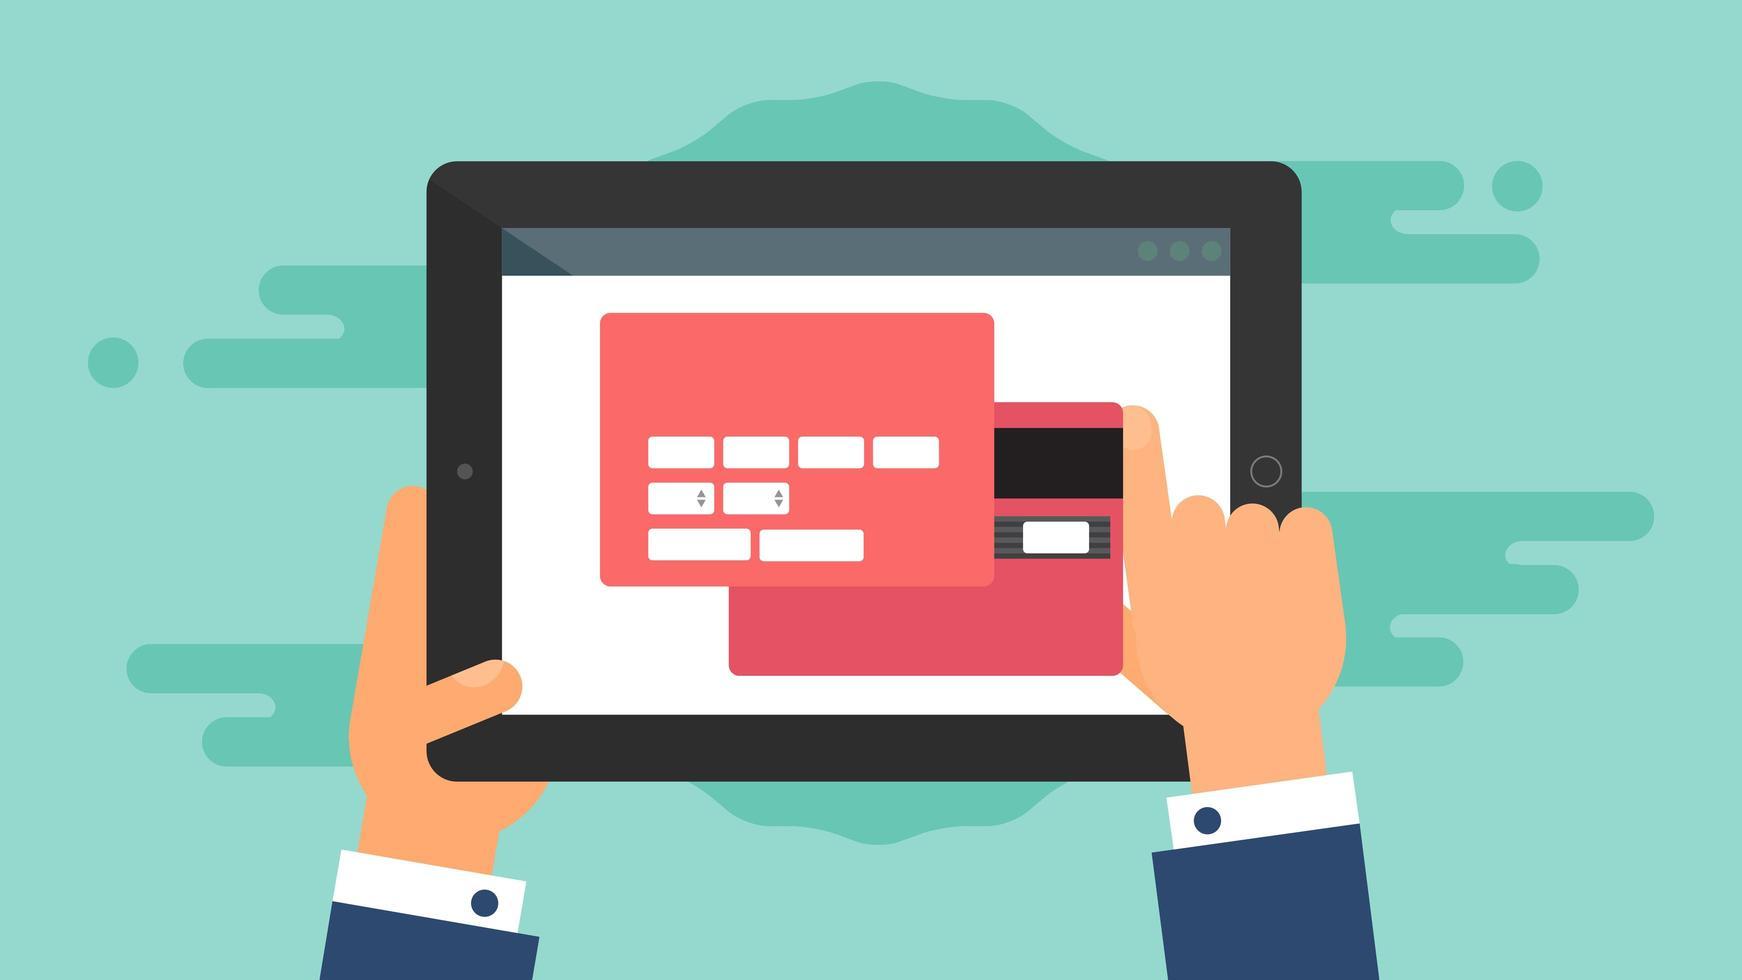 modelo da web de formulário de compra online para tablet vetor